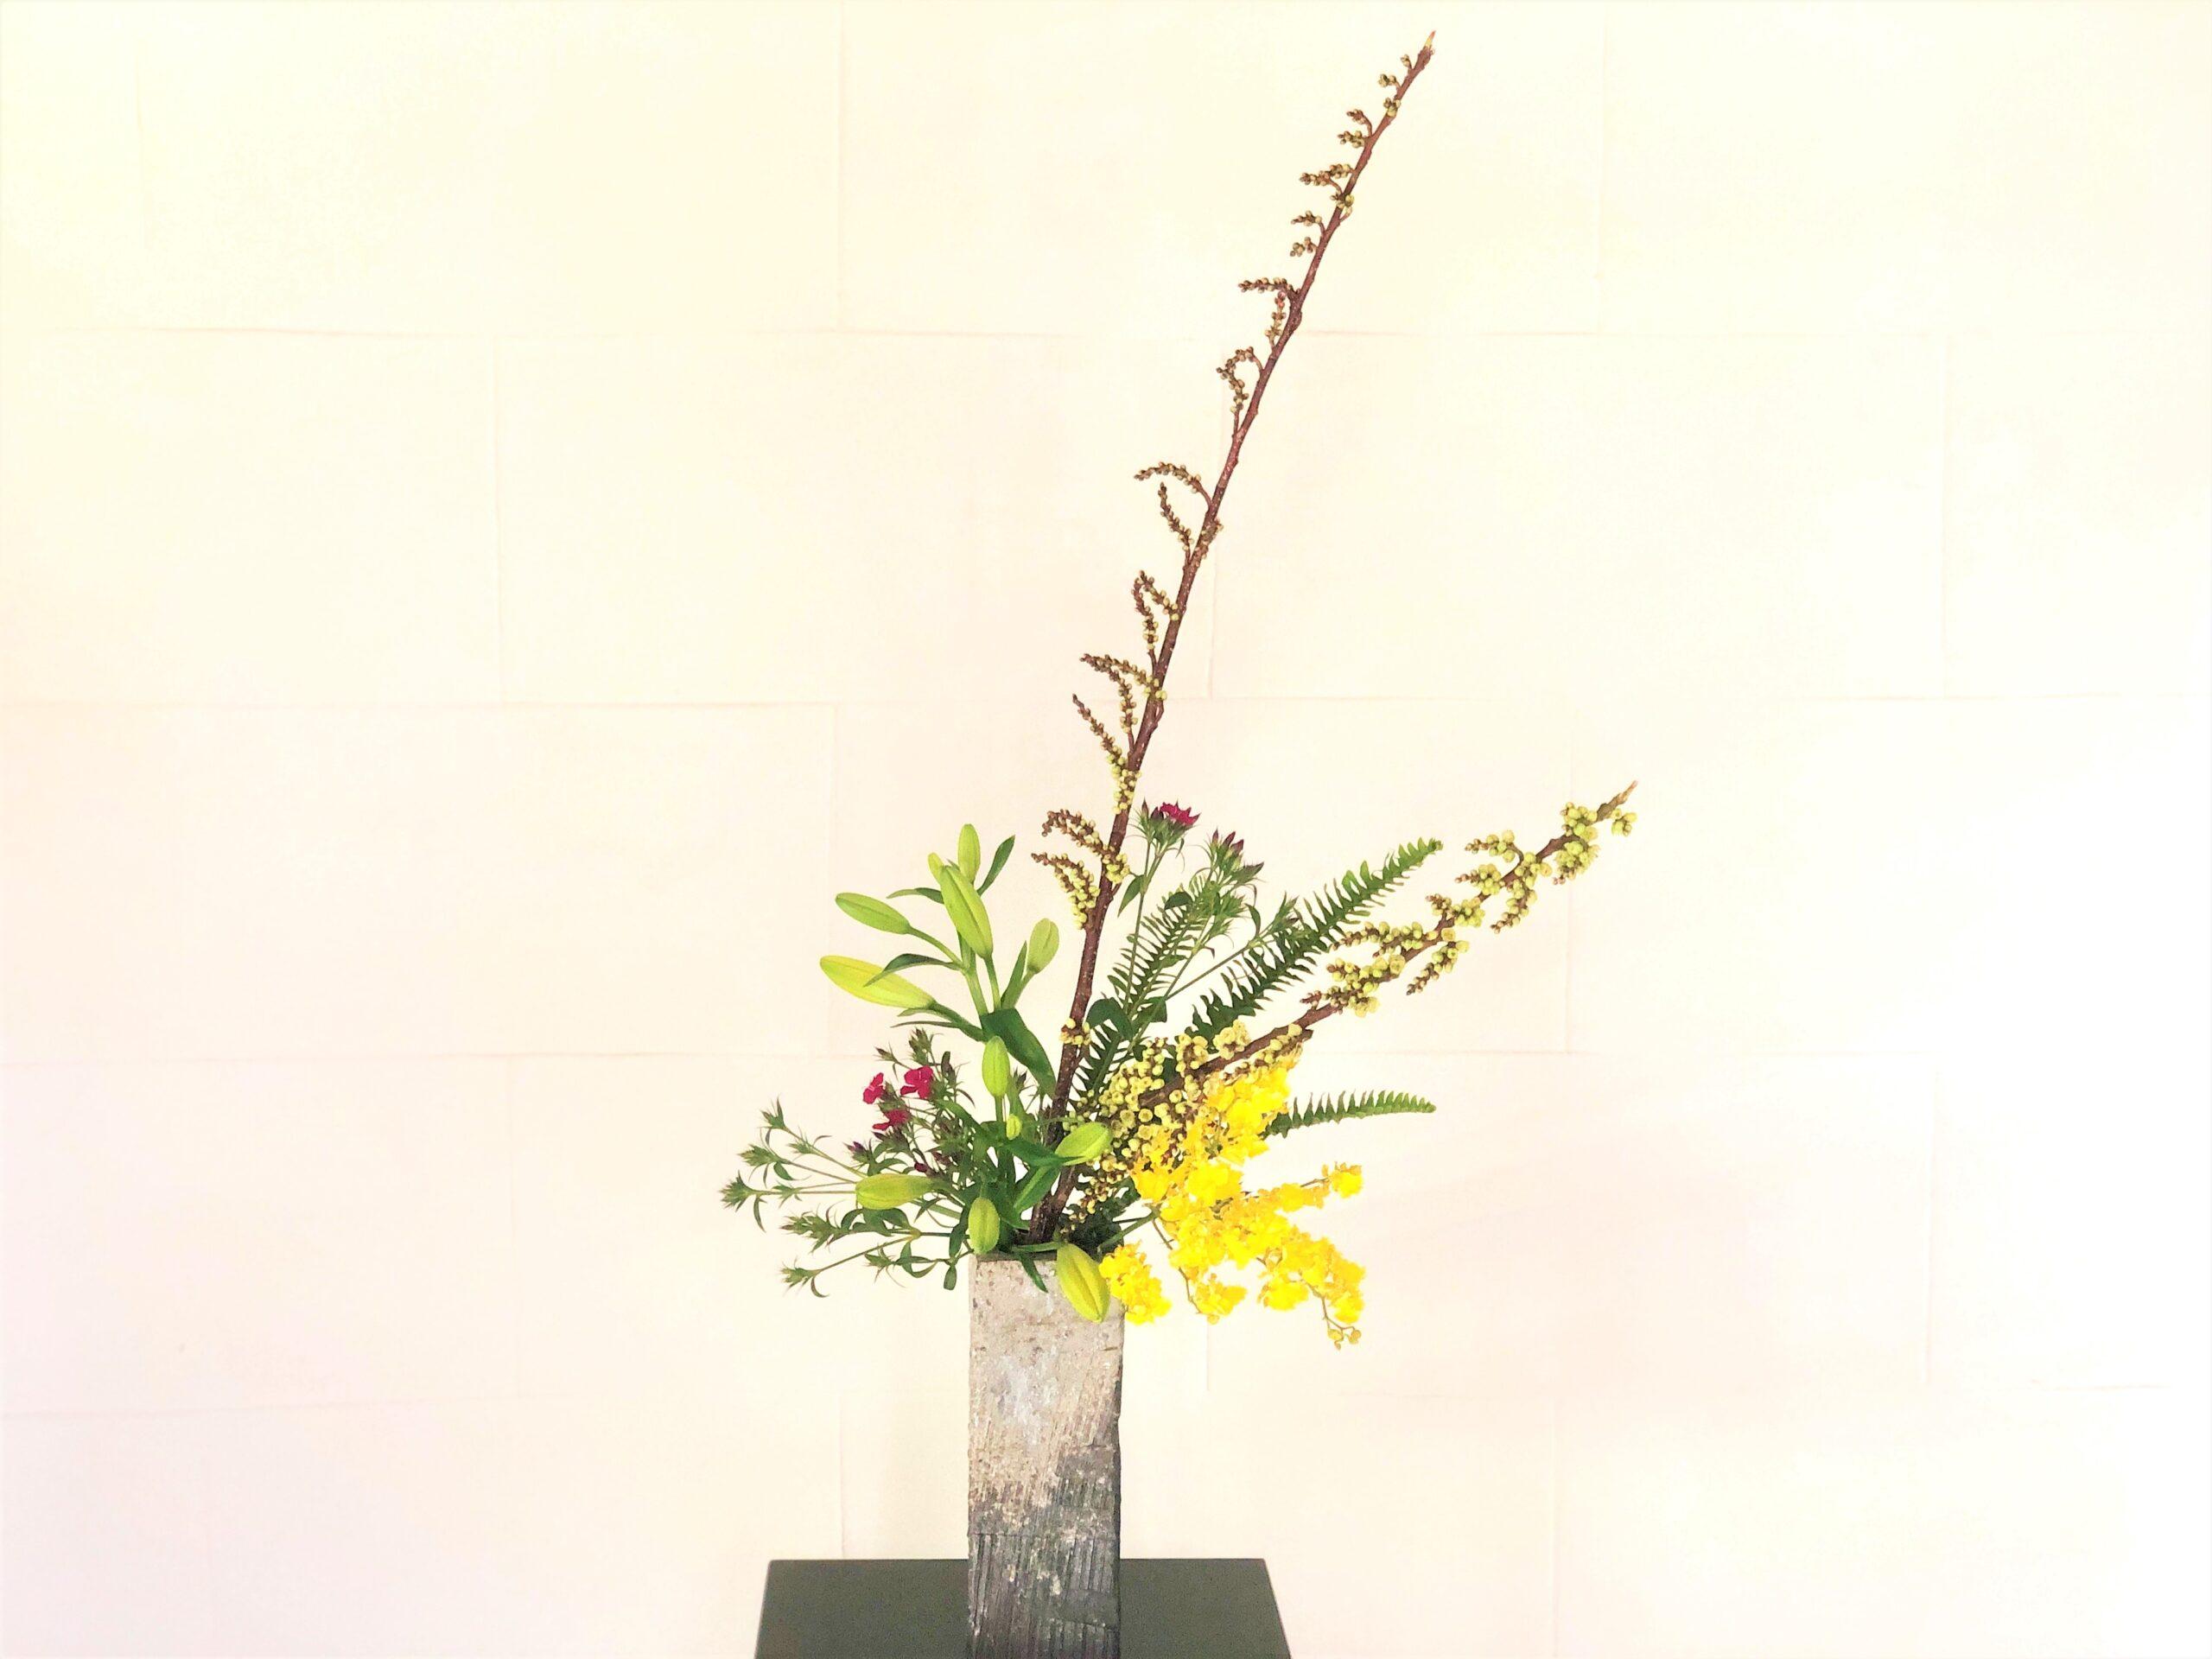 開花の待ち遠しい生け花